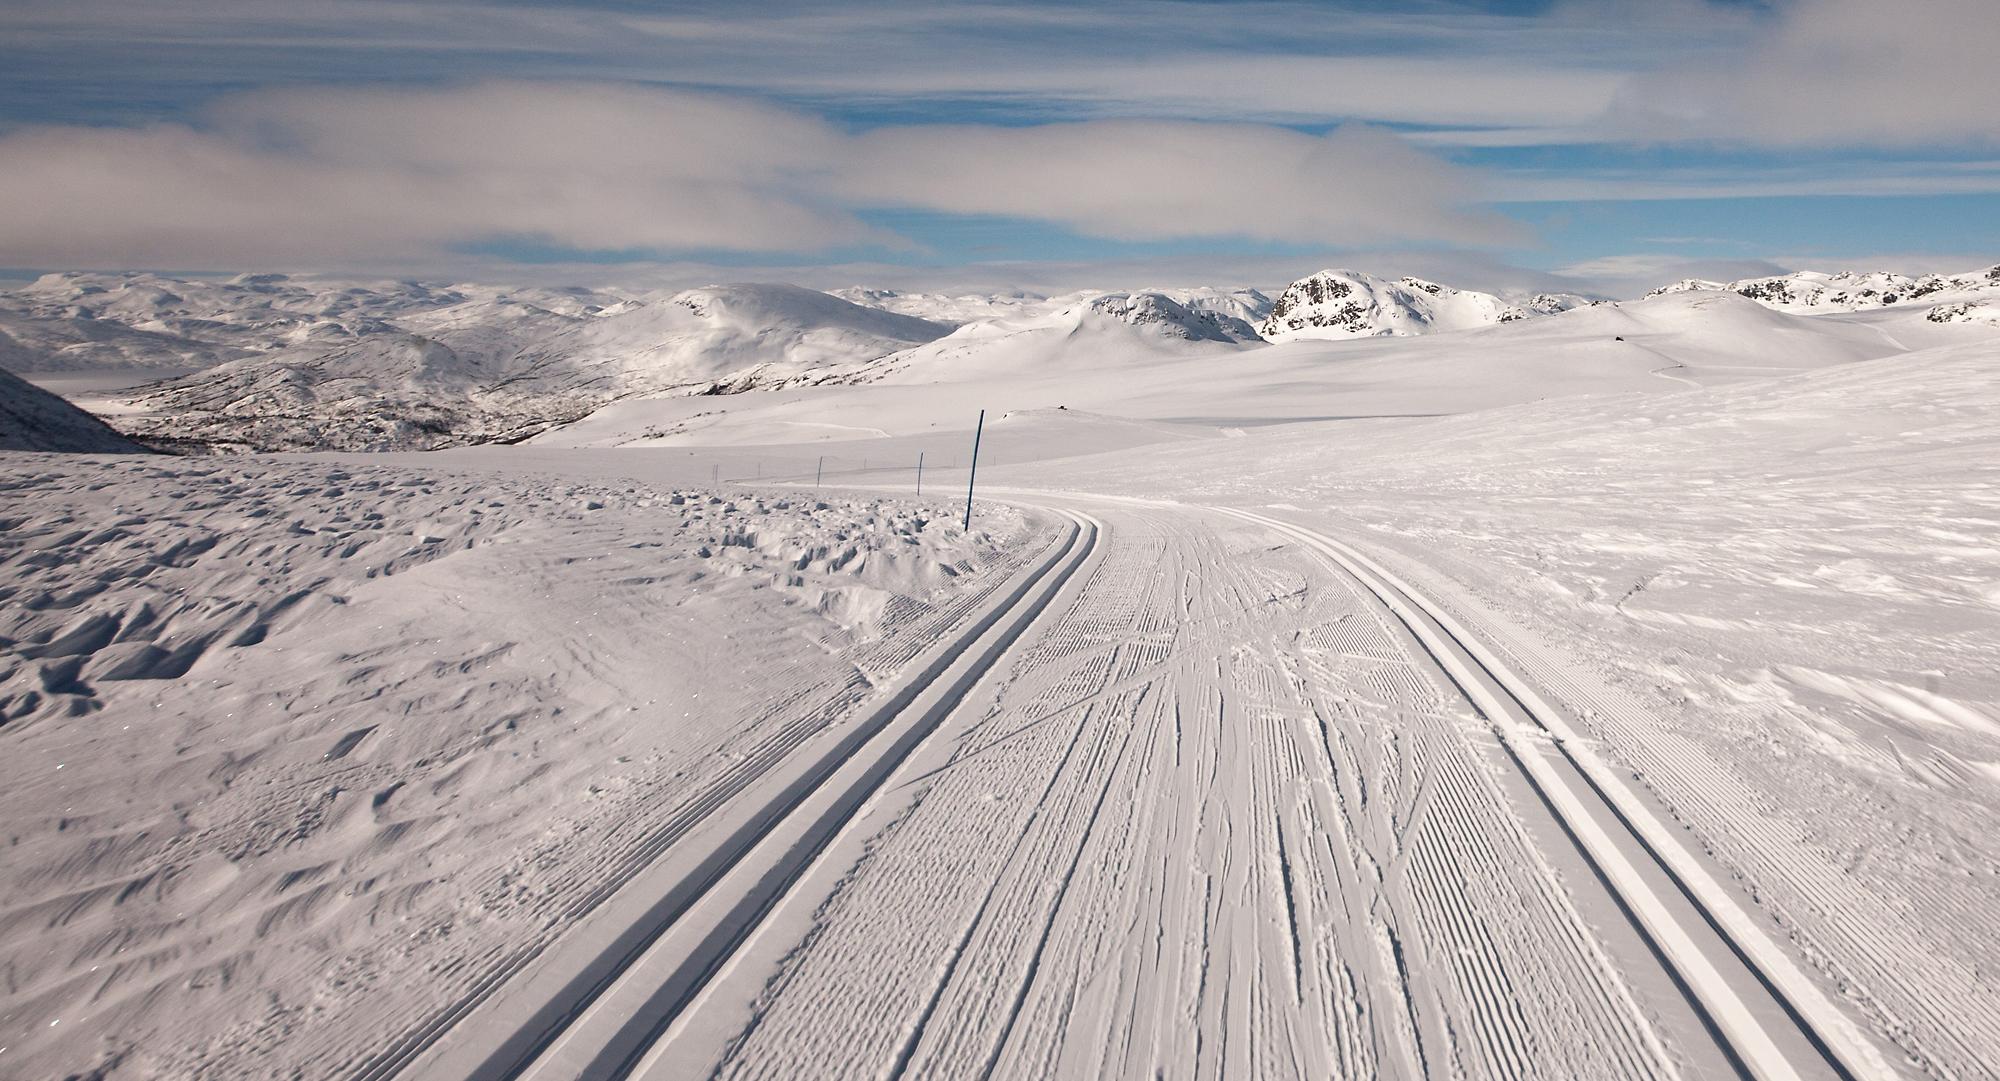 Det er eit auka press på å leggje ut nye skiløyper, blant anna i Hovdenområdet. Foto: Kjell Bitustøyl.